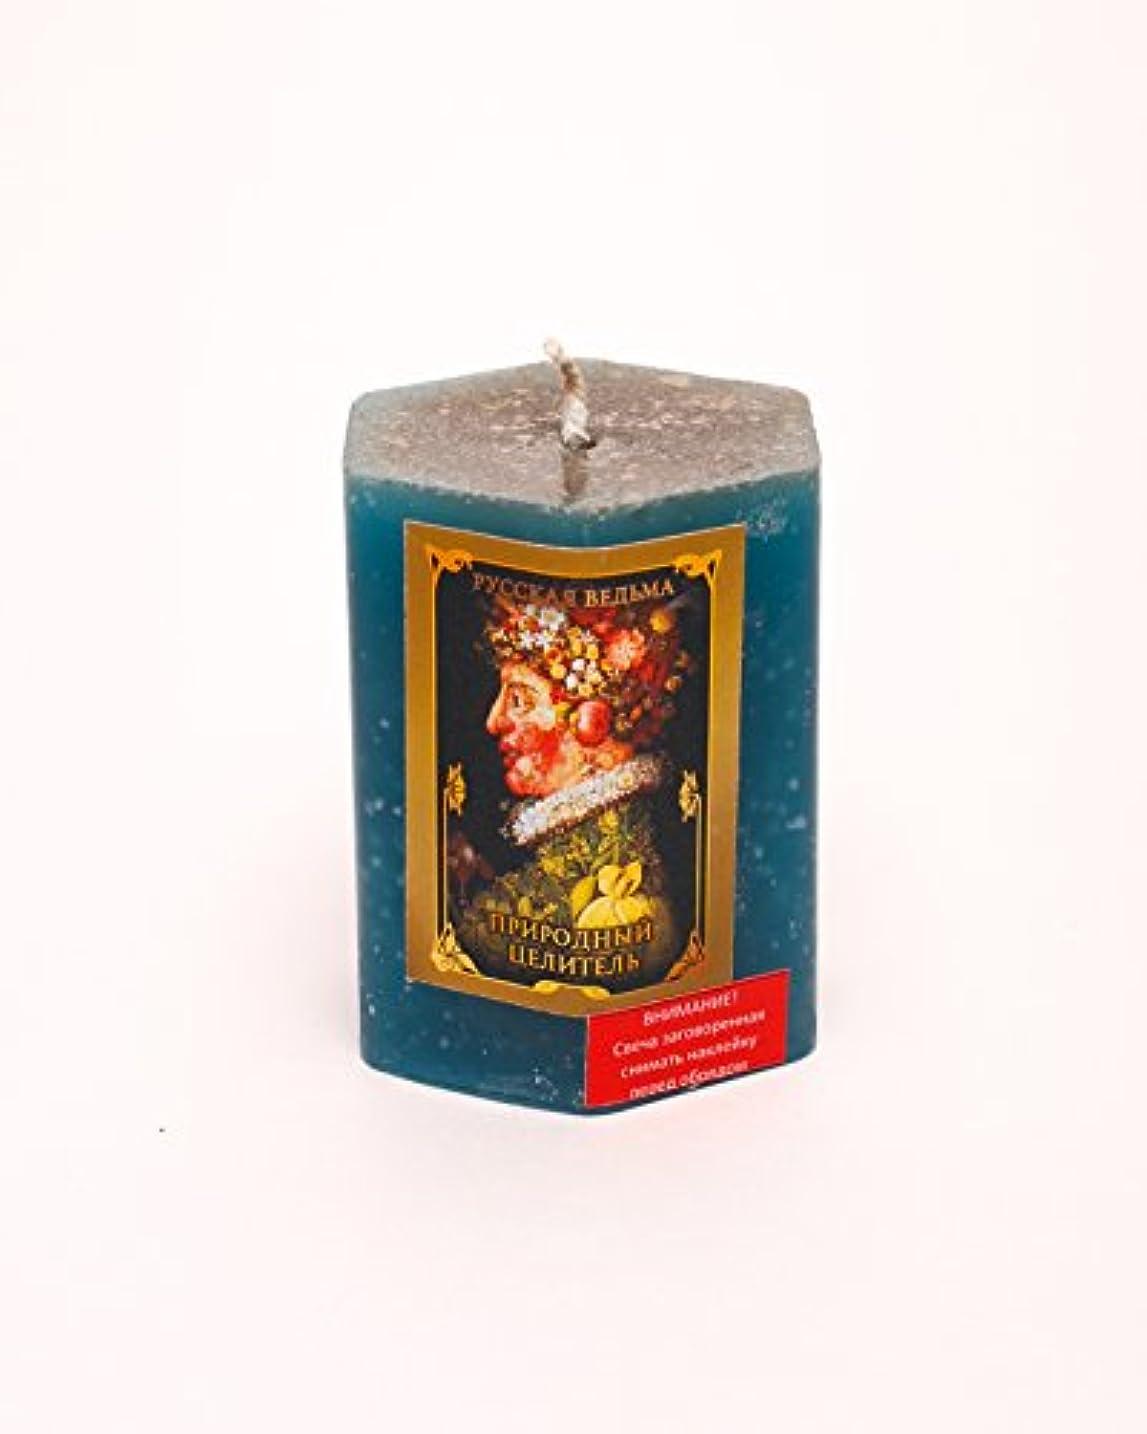 息を切らしてアルカイック成長するナチュラルハーブHealer Candle Wicca Pagan